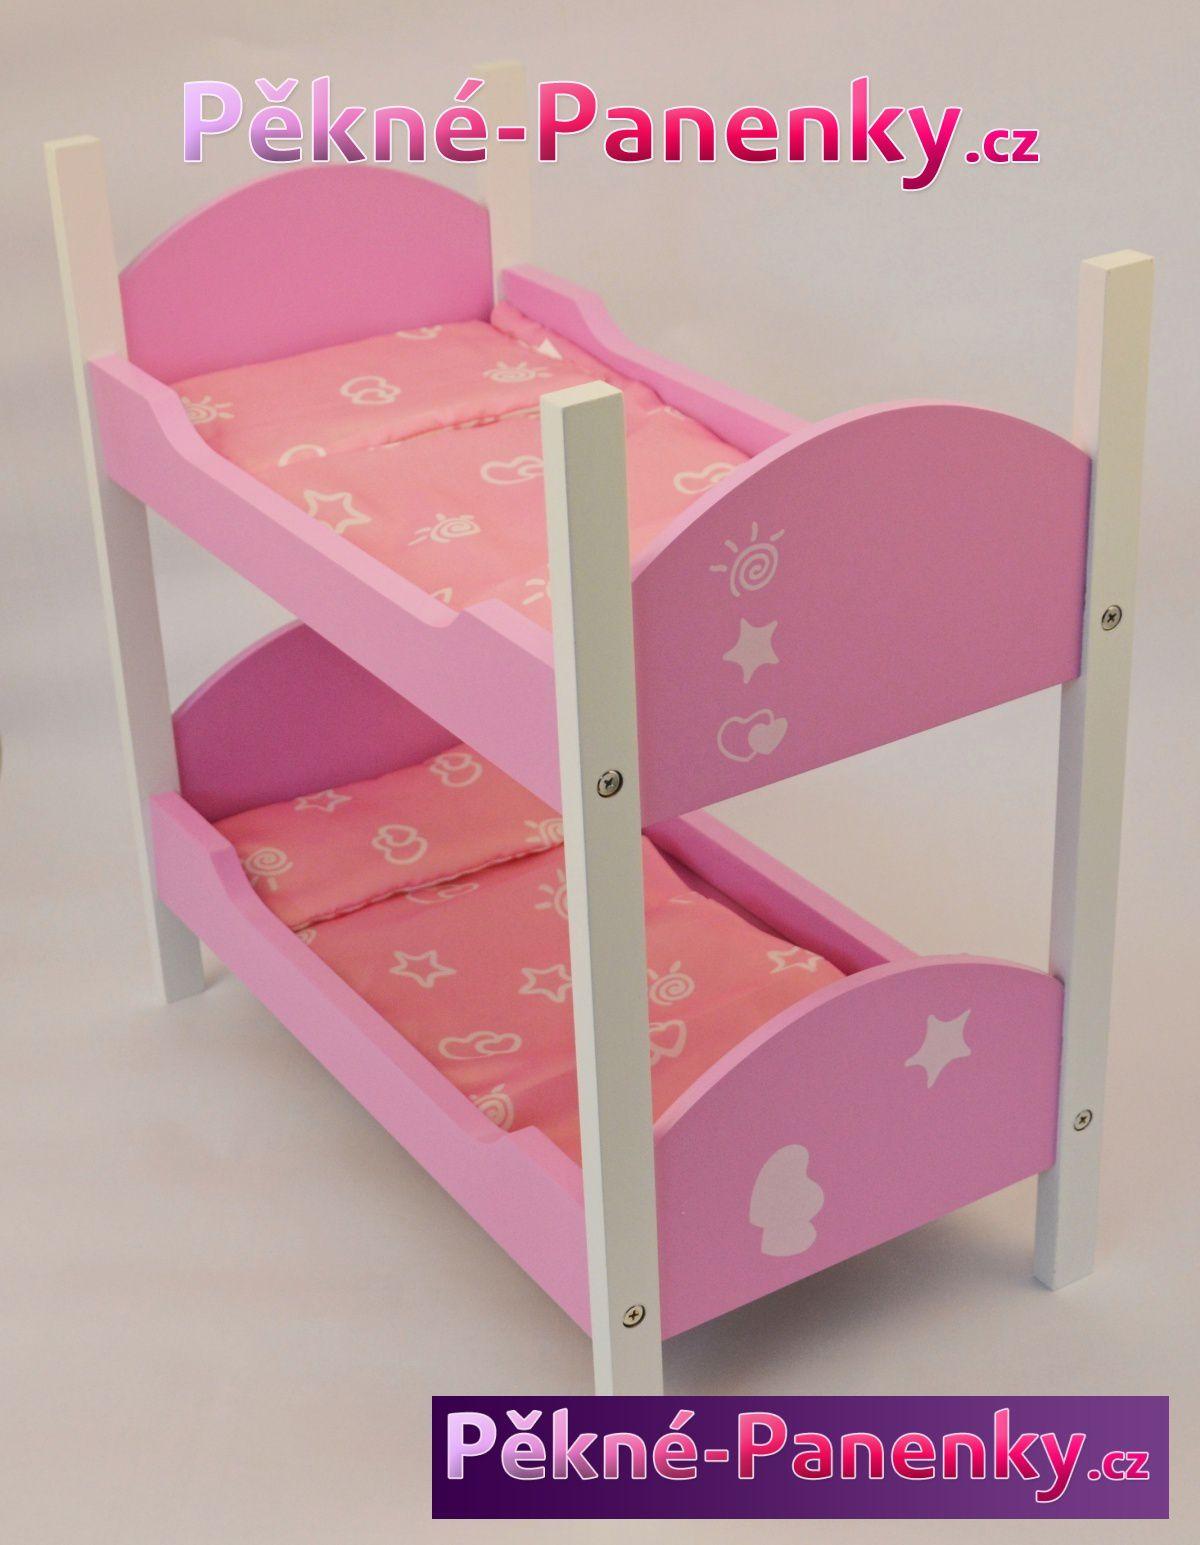 Arias levná patrová postýlka pro panenky, kvalitní nábytek pro panenky, hračky a dárky pro holčičky, cestovní dvoupatrová postel